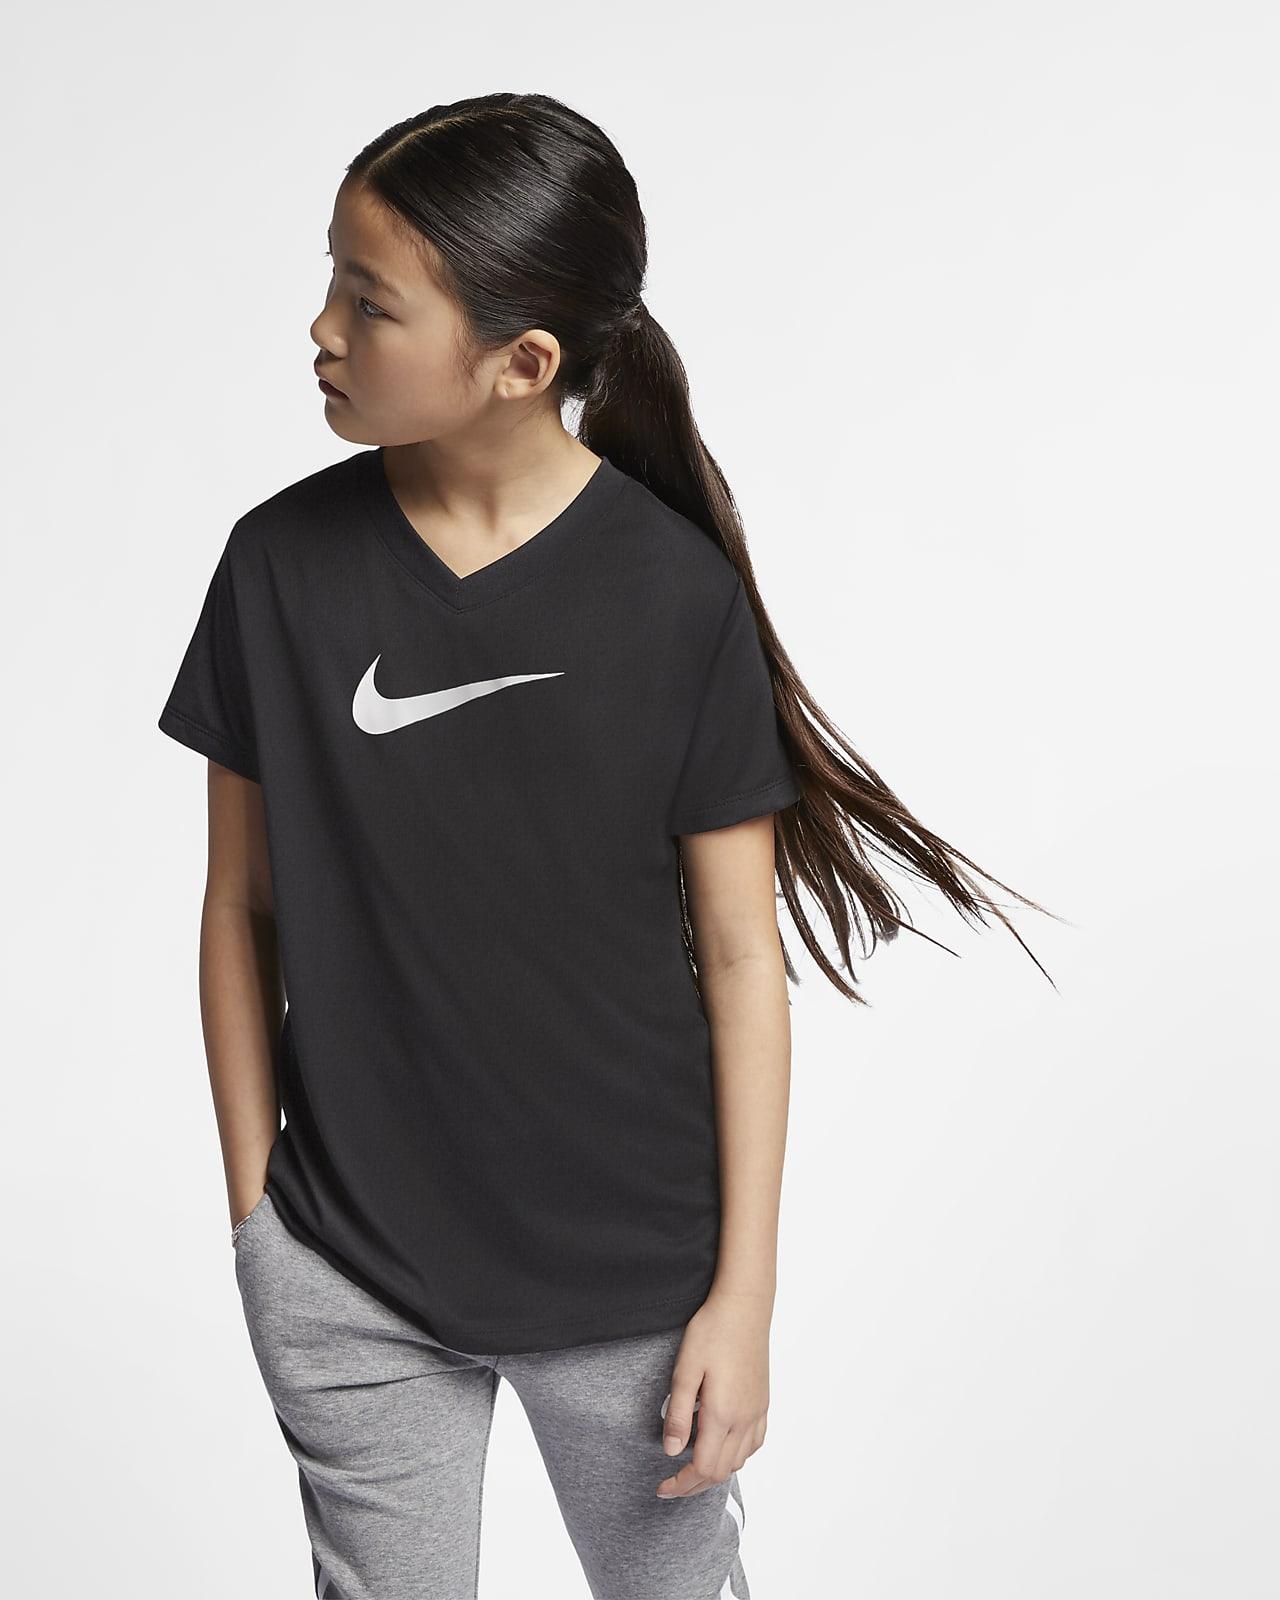 Nike Dri-FIT Camiseta de entrenamiento con Swoosh - Niño/a